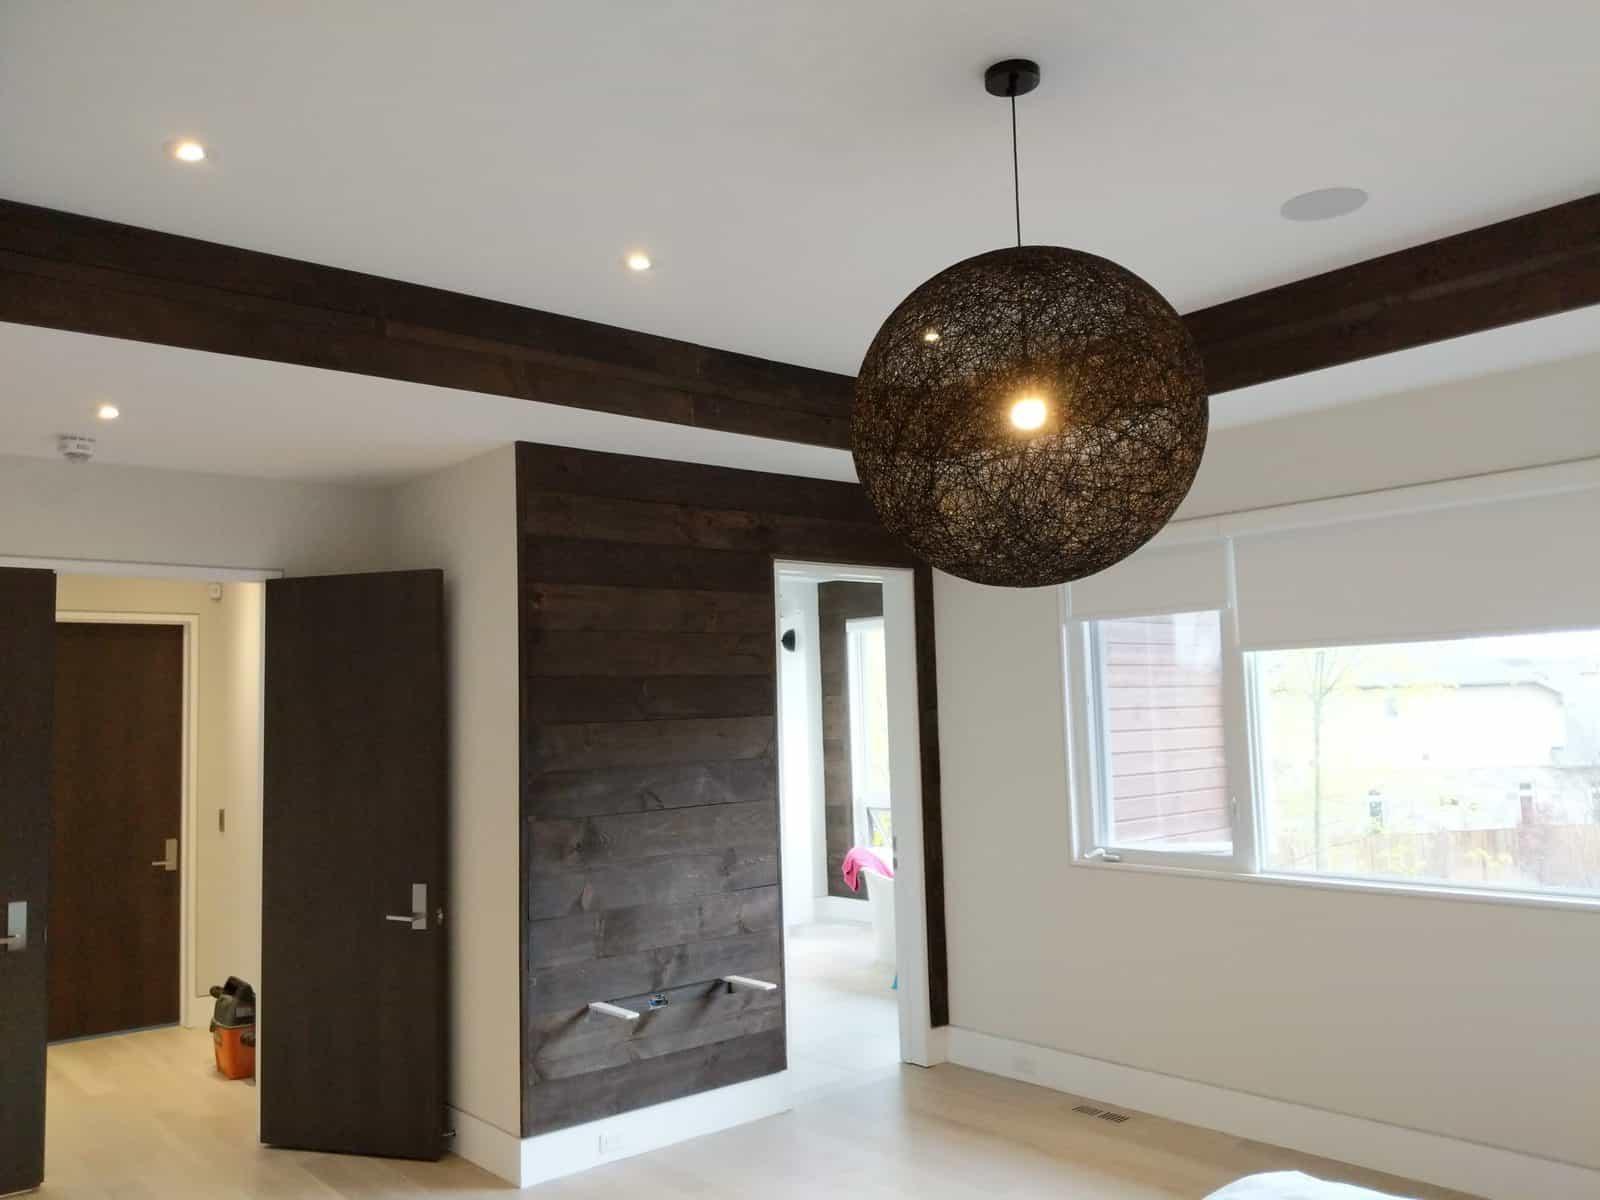 Ceiling clad